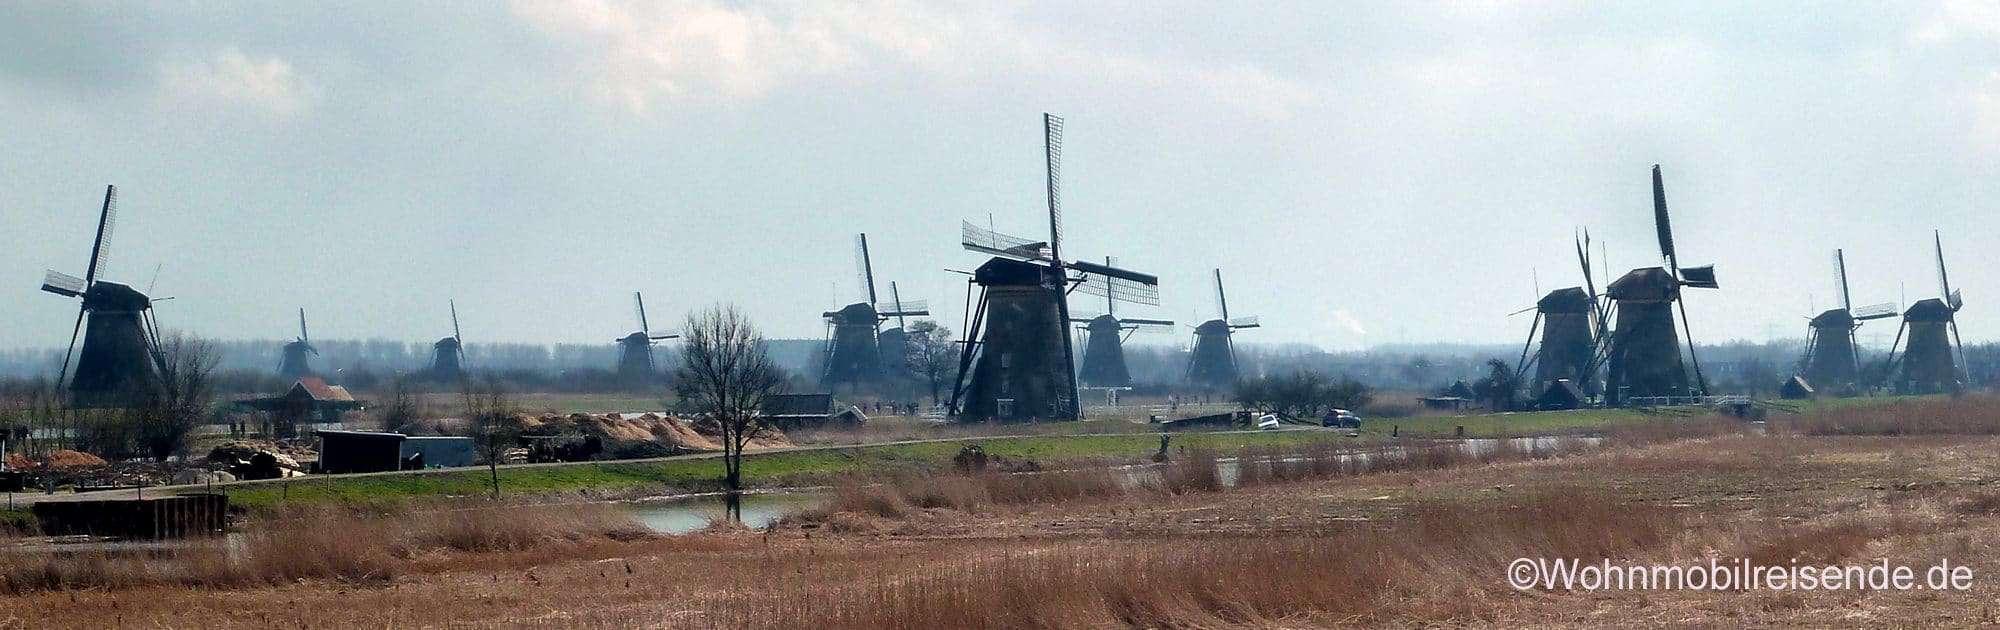 Unesco Weltkulturerbe Winterdijk, NL